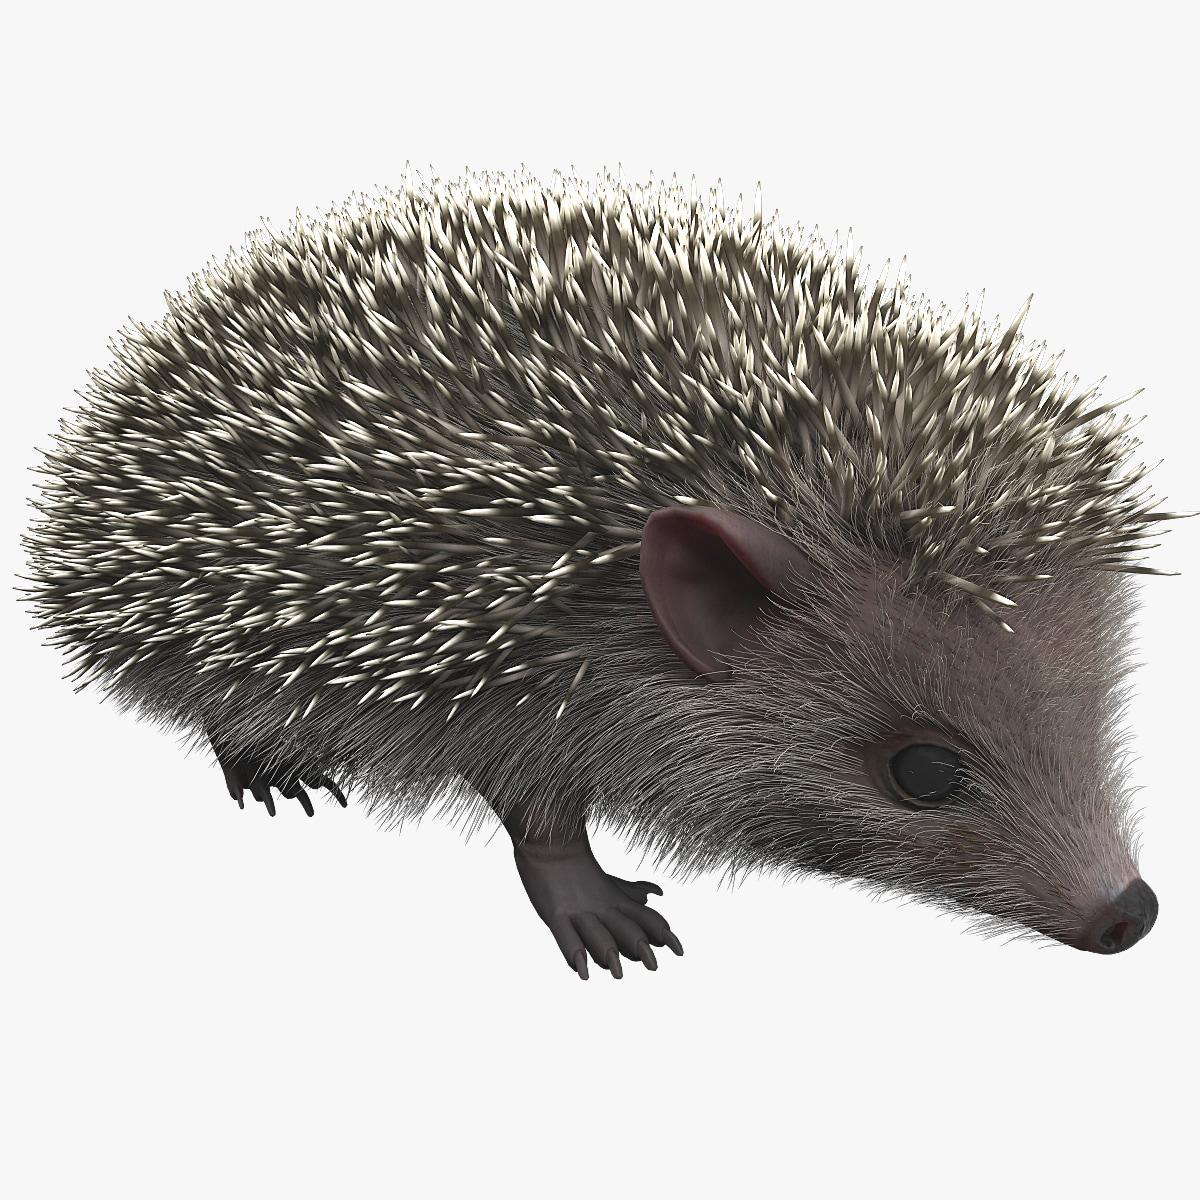 Hedgehog_000.jpg